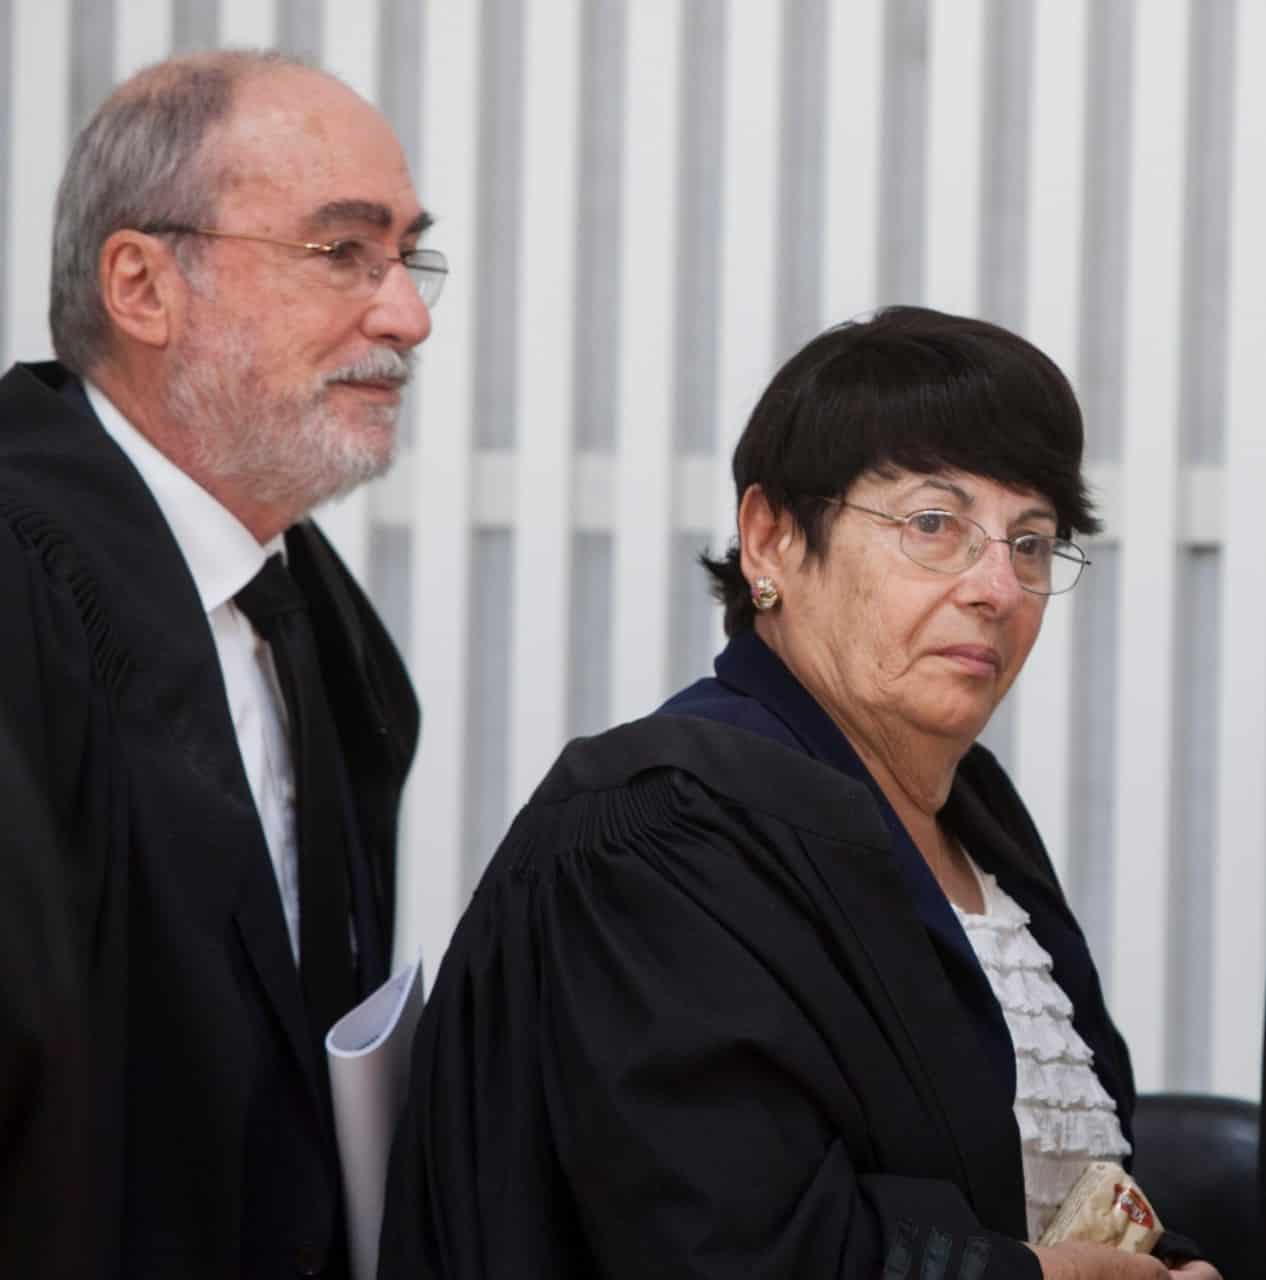 שופטי בית המשפט העליון מרים נאור ואשר גרוניס